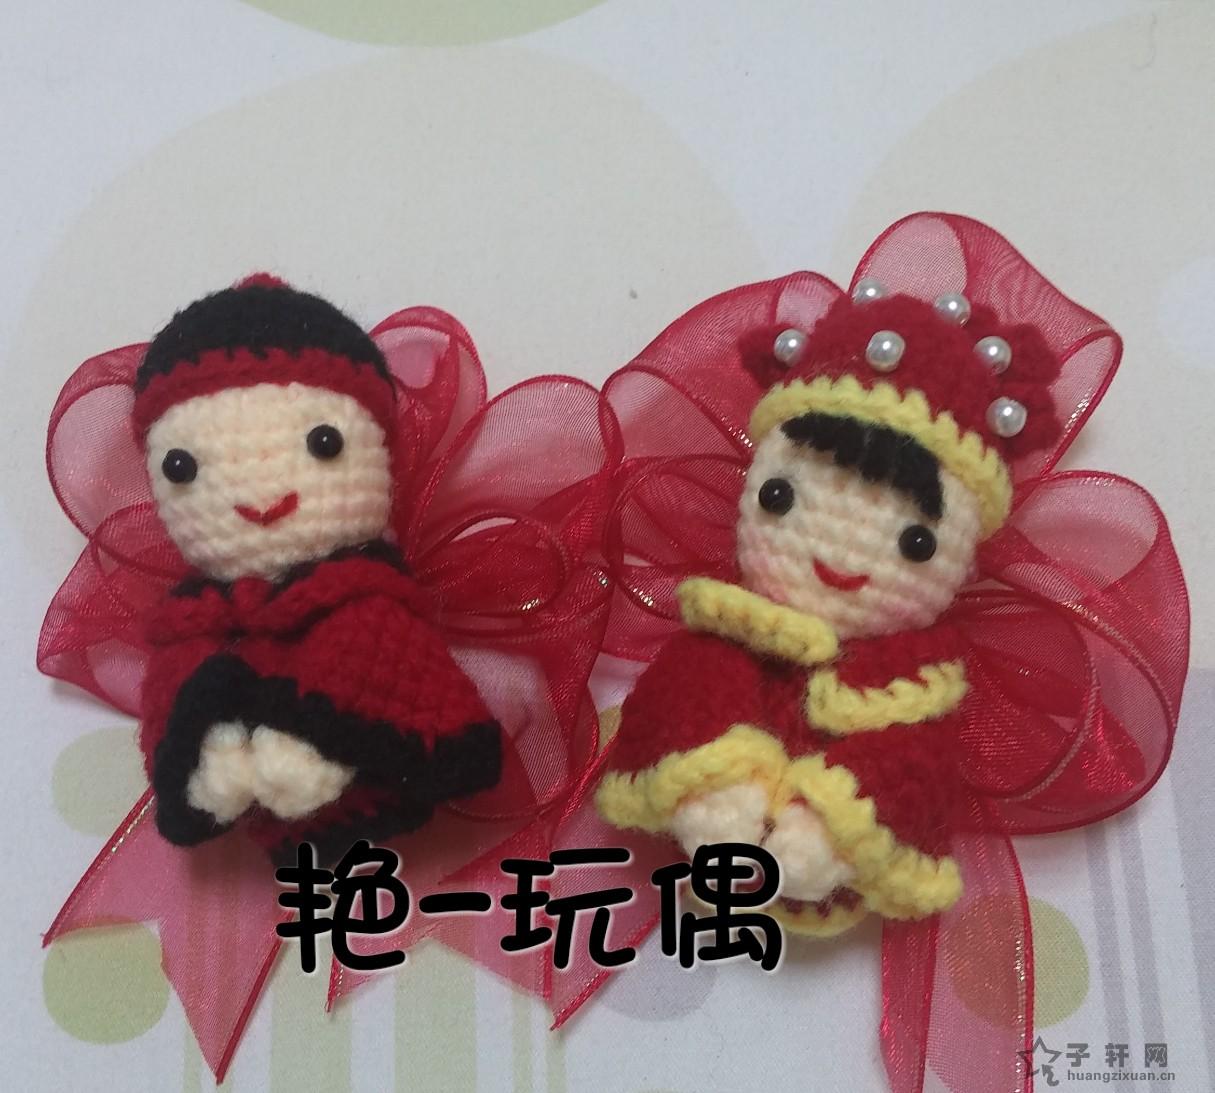 艳-玩偶,永结同心襟花 - 手工制作网 - 20150119_121718_mh1421638871632.jpg